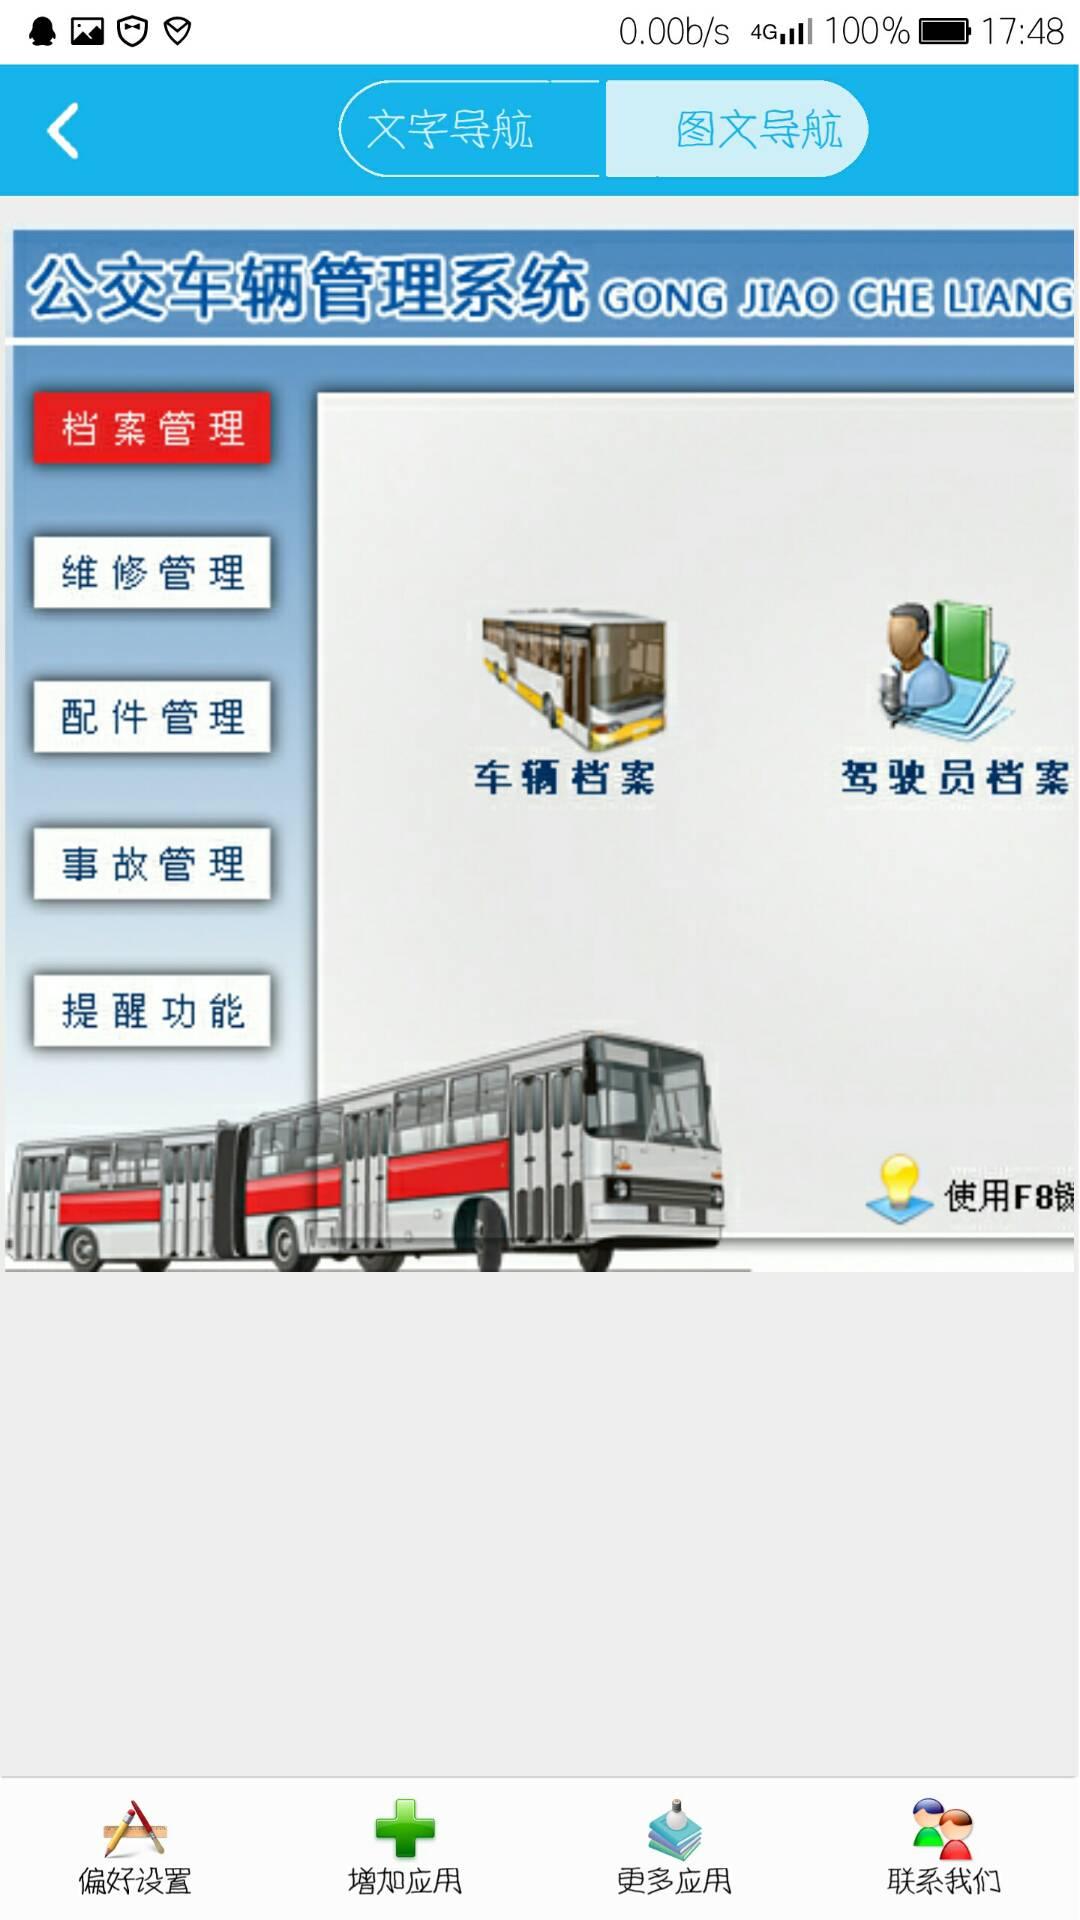 公交车管理系统